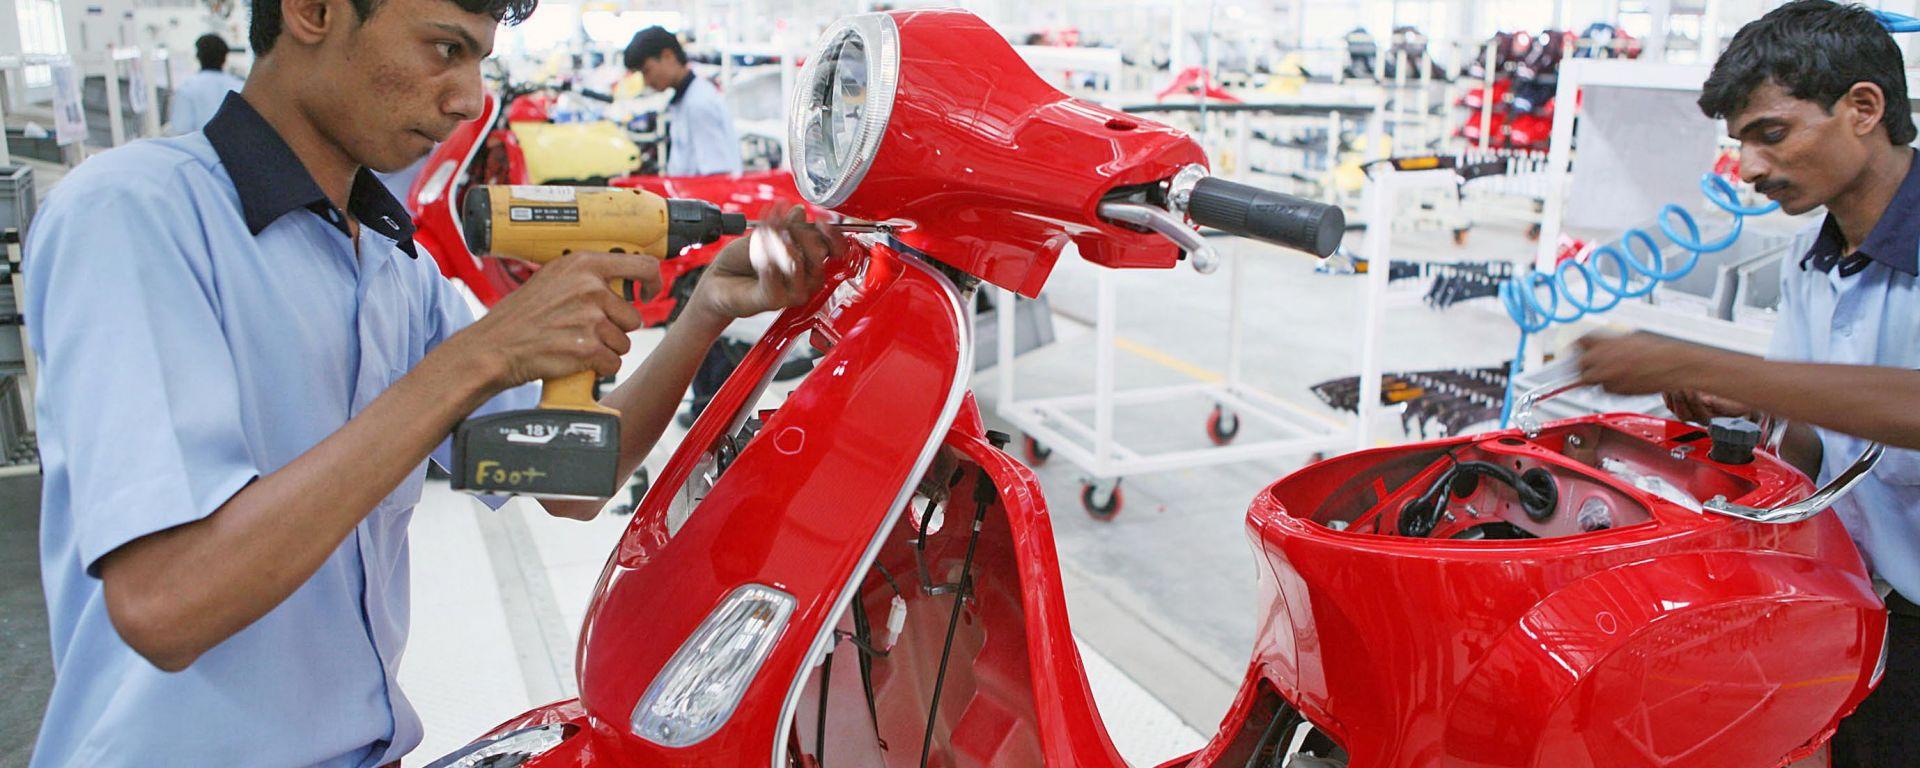 Piaggio, un motore da 60 km/litro per la Vespa indiana